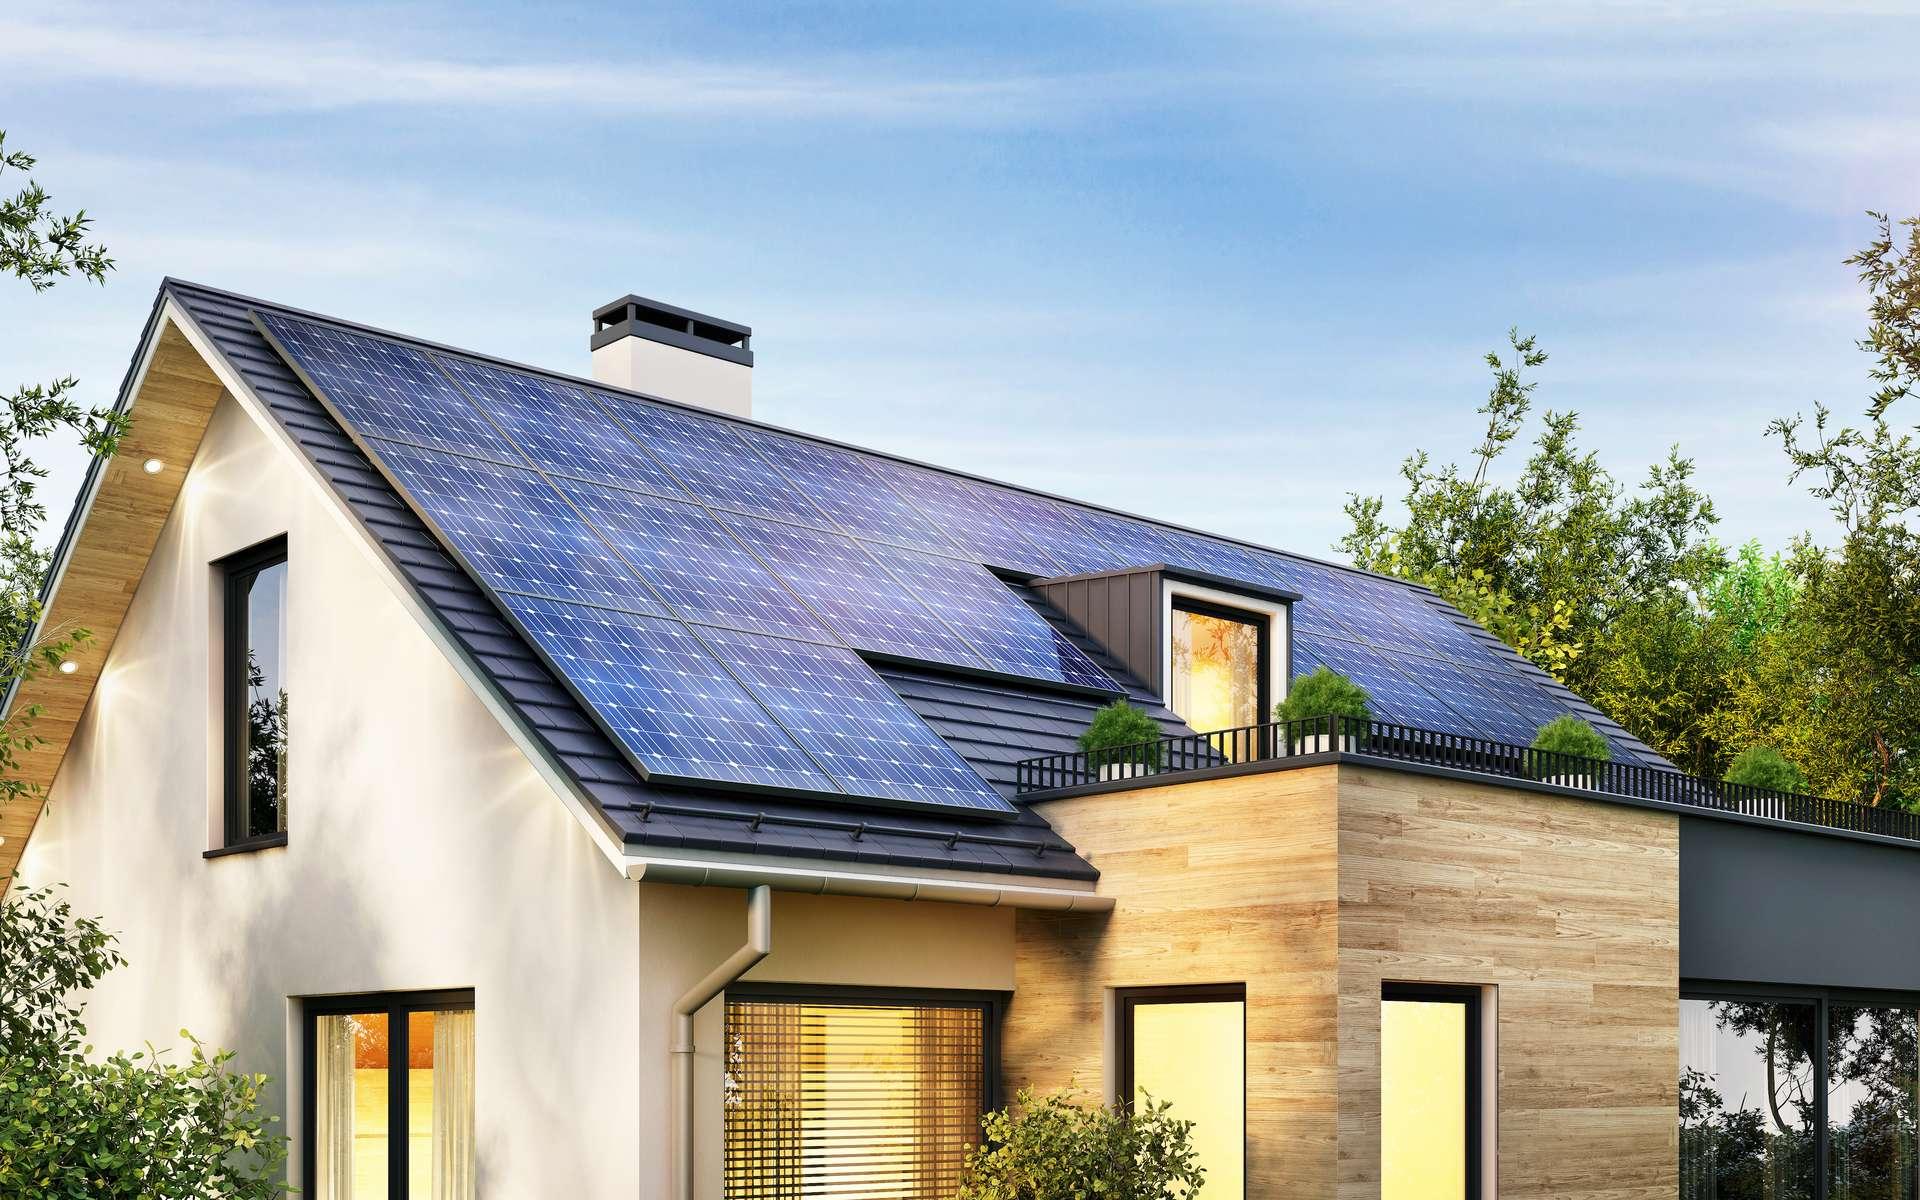 Autoproduire de l'électricité grâce à l'énergie solaire permet de réduire sa consommation d'électricité. Associé à une pompe à chaleur air/eau et un chauffe-eau thermodynamique, la solution globale et évolutive « Ma maison hybride » d'Airwell, rend la maison énergétiquement plus autonome. © slavun, Adobe Stock